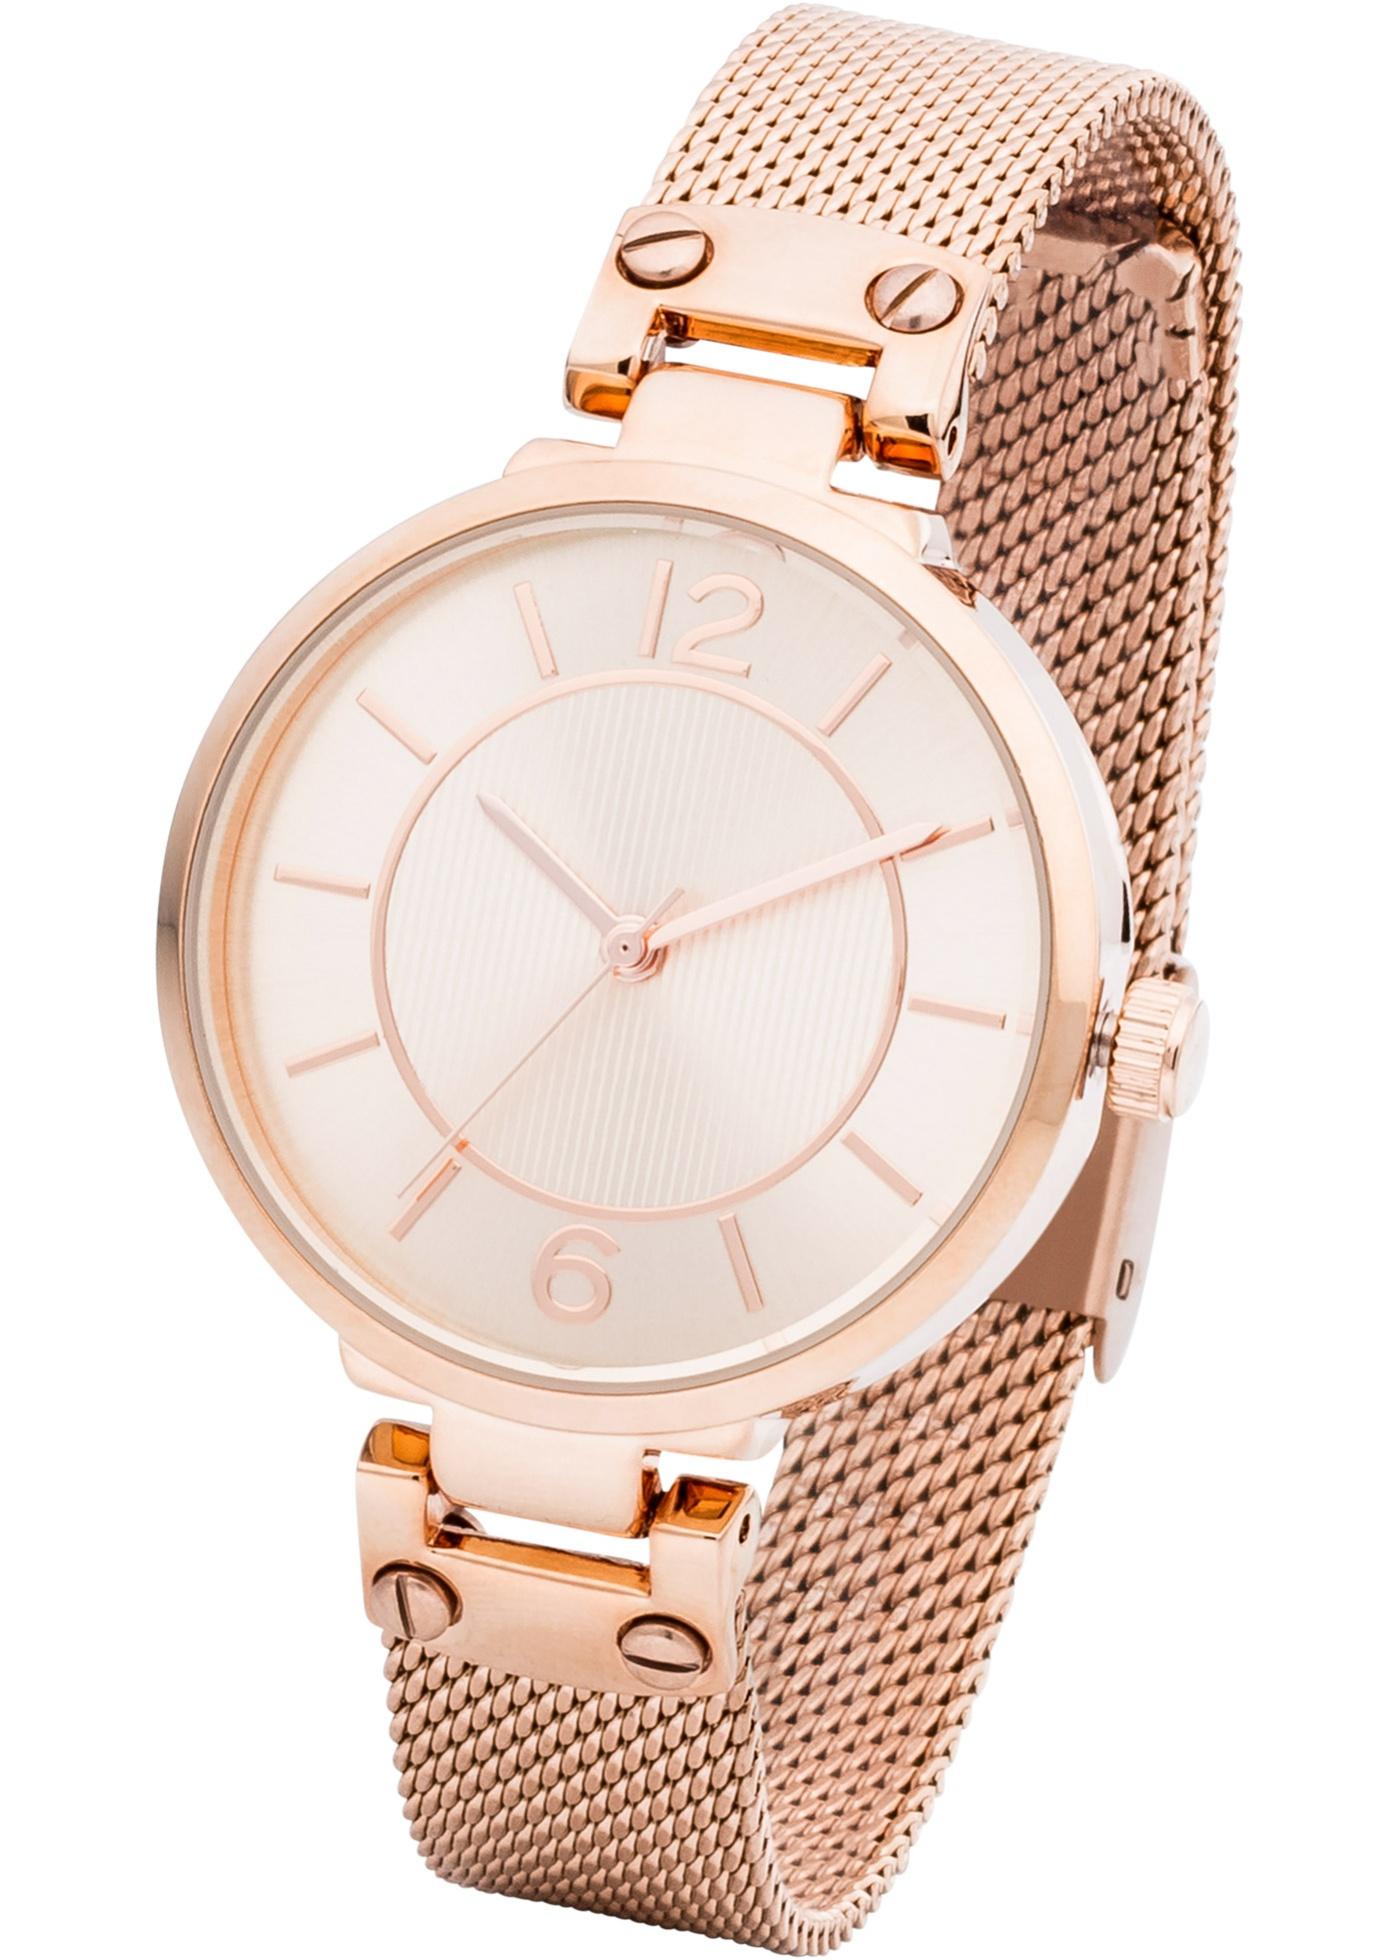 Montre à bracelet chic de bpc. Dim. : diamètre boîtier env. 3,2 cm. Prix comprenant éco-participation (F)=0,01€ ou recupel (B) =0,05€.